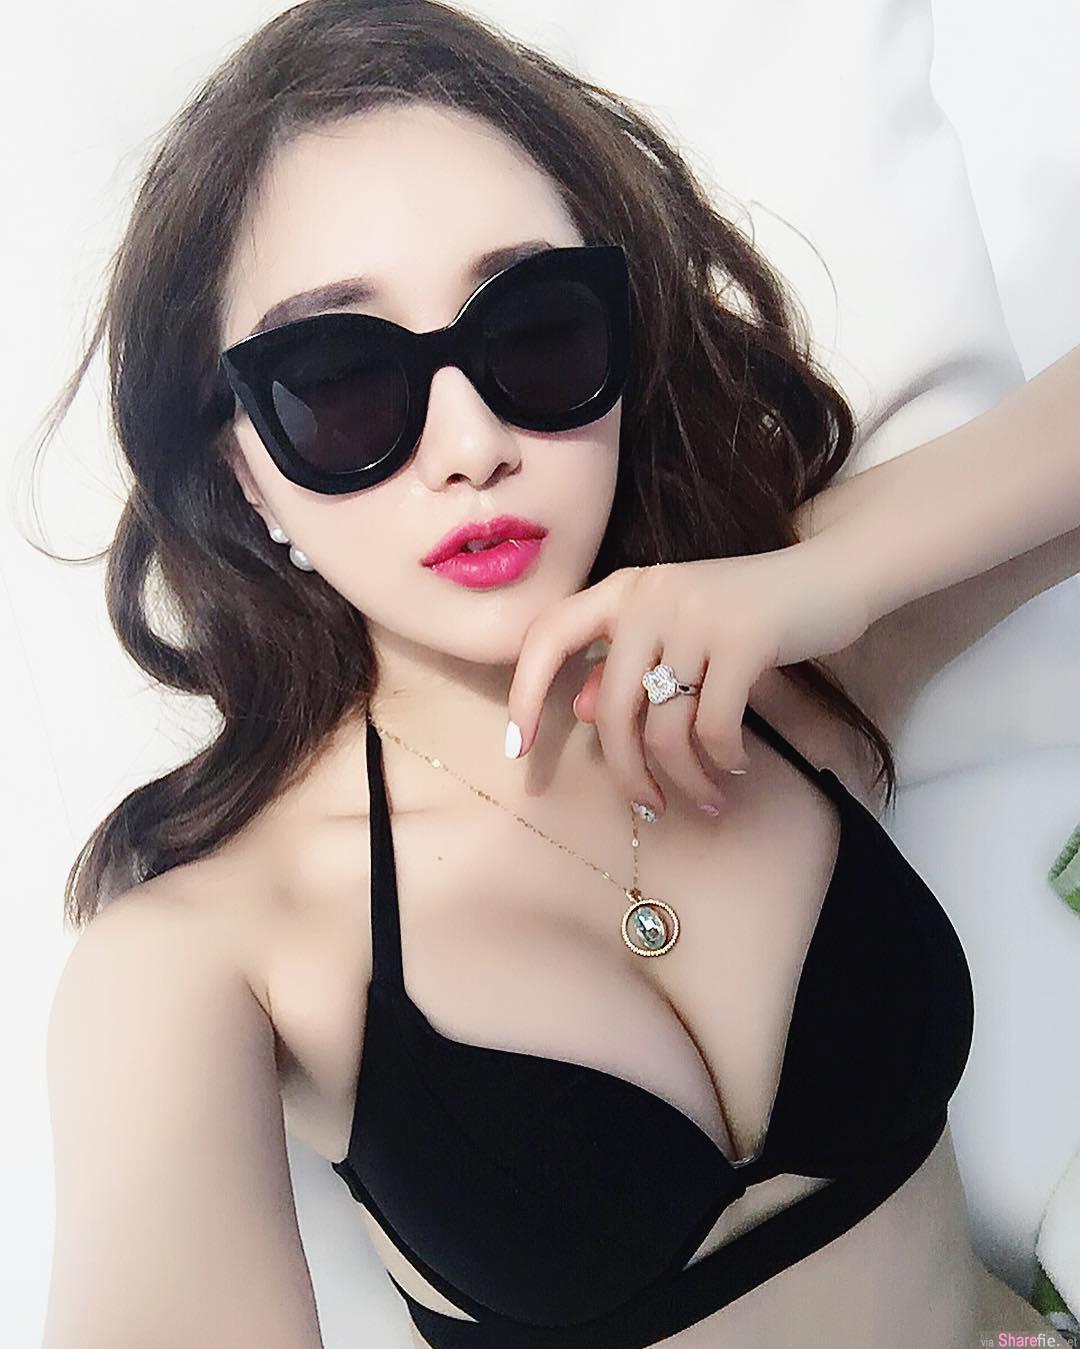 白皙IG正妹 葡萄 超正脸蛋魔鬼身材